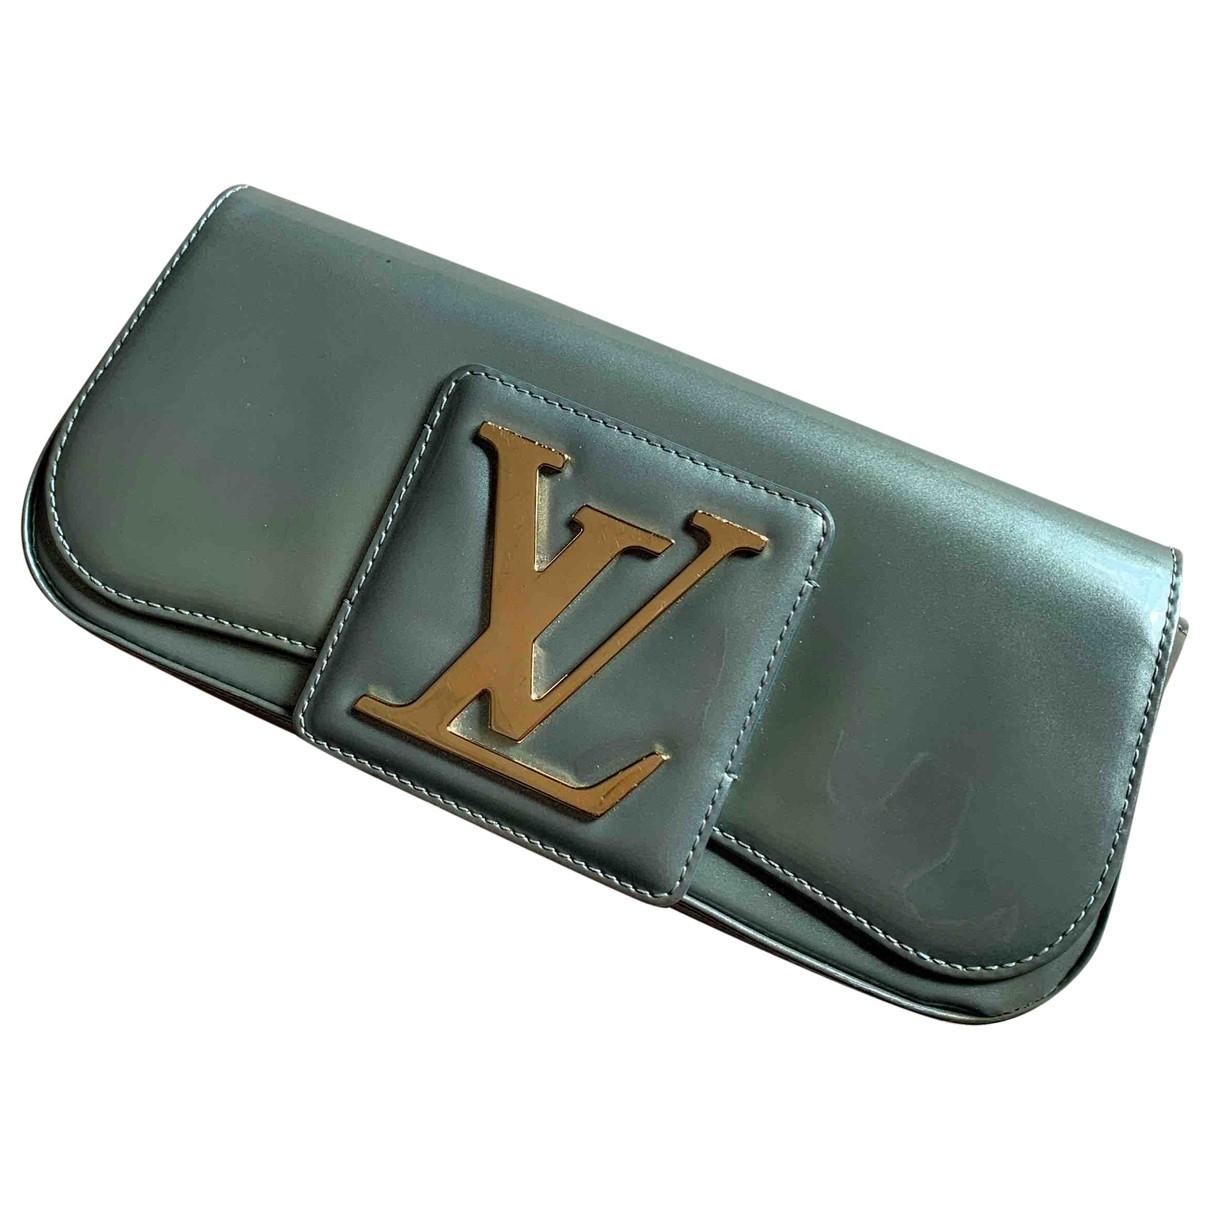 Louis Vuitton - Pochette Sobe pour femme en cuir verni - metallise